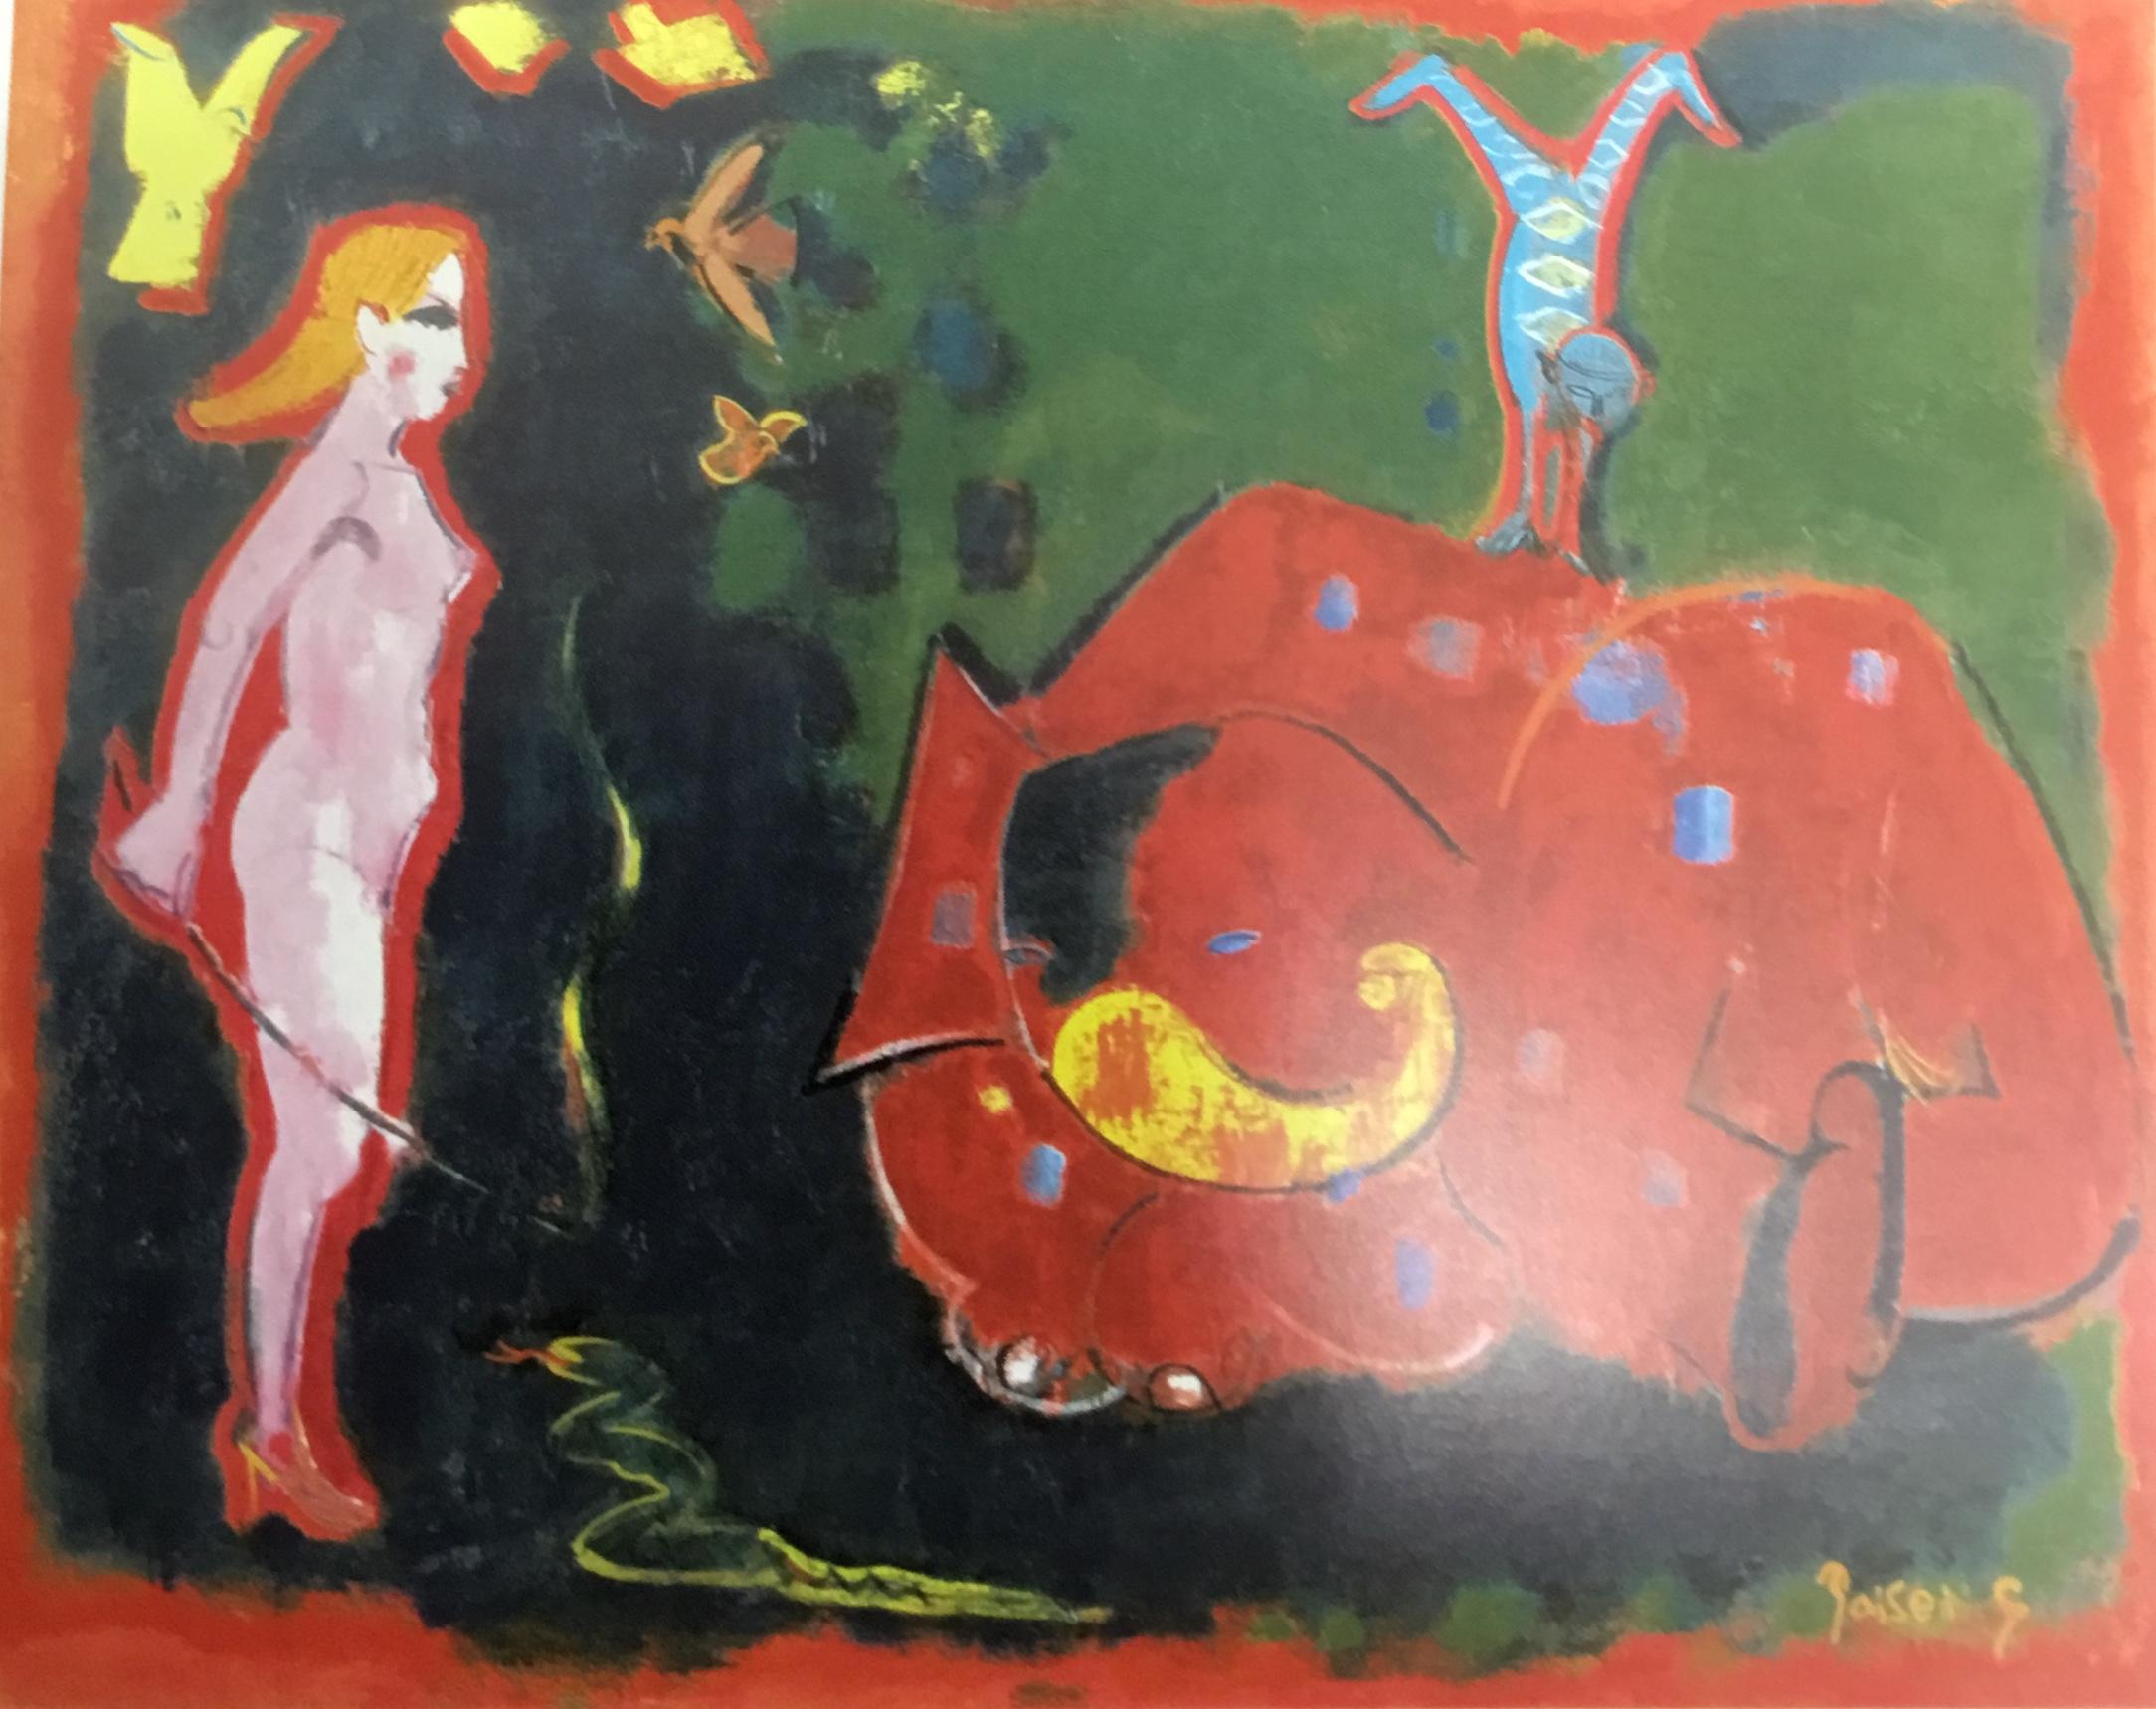 象と鳥と逆立ち (Elephant, birds, Handstand) 40F, 2005年